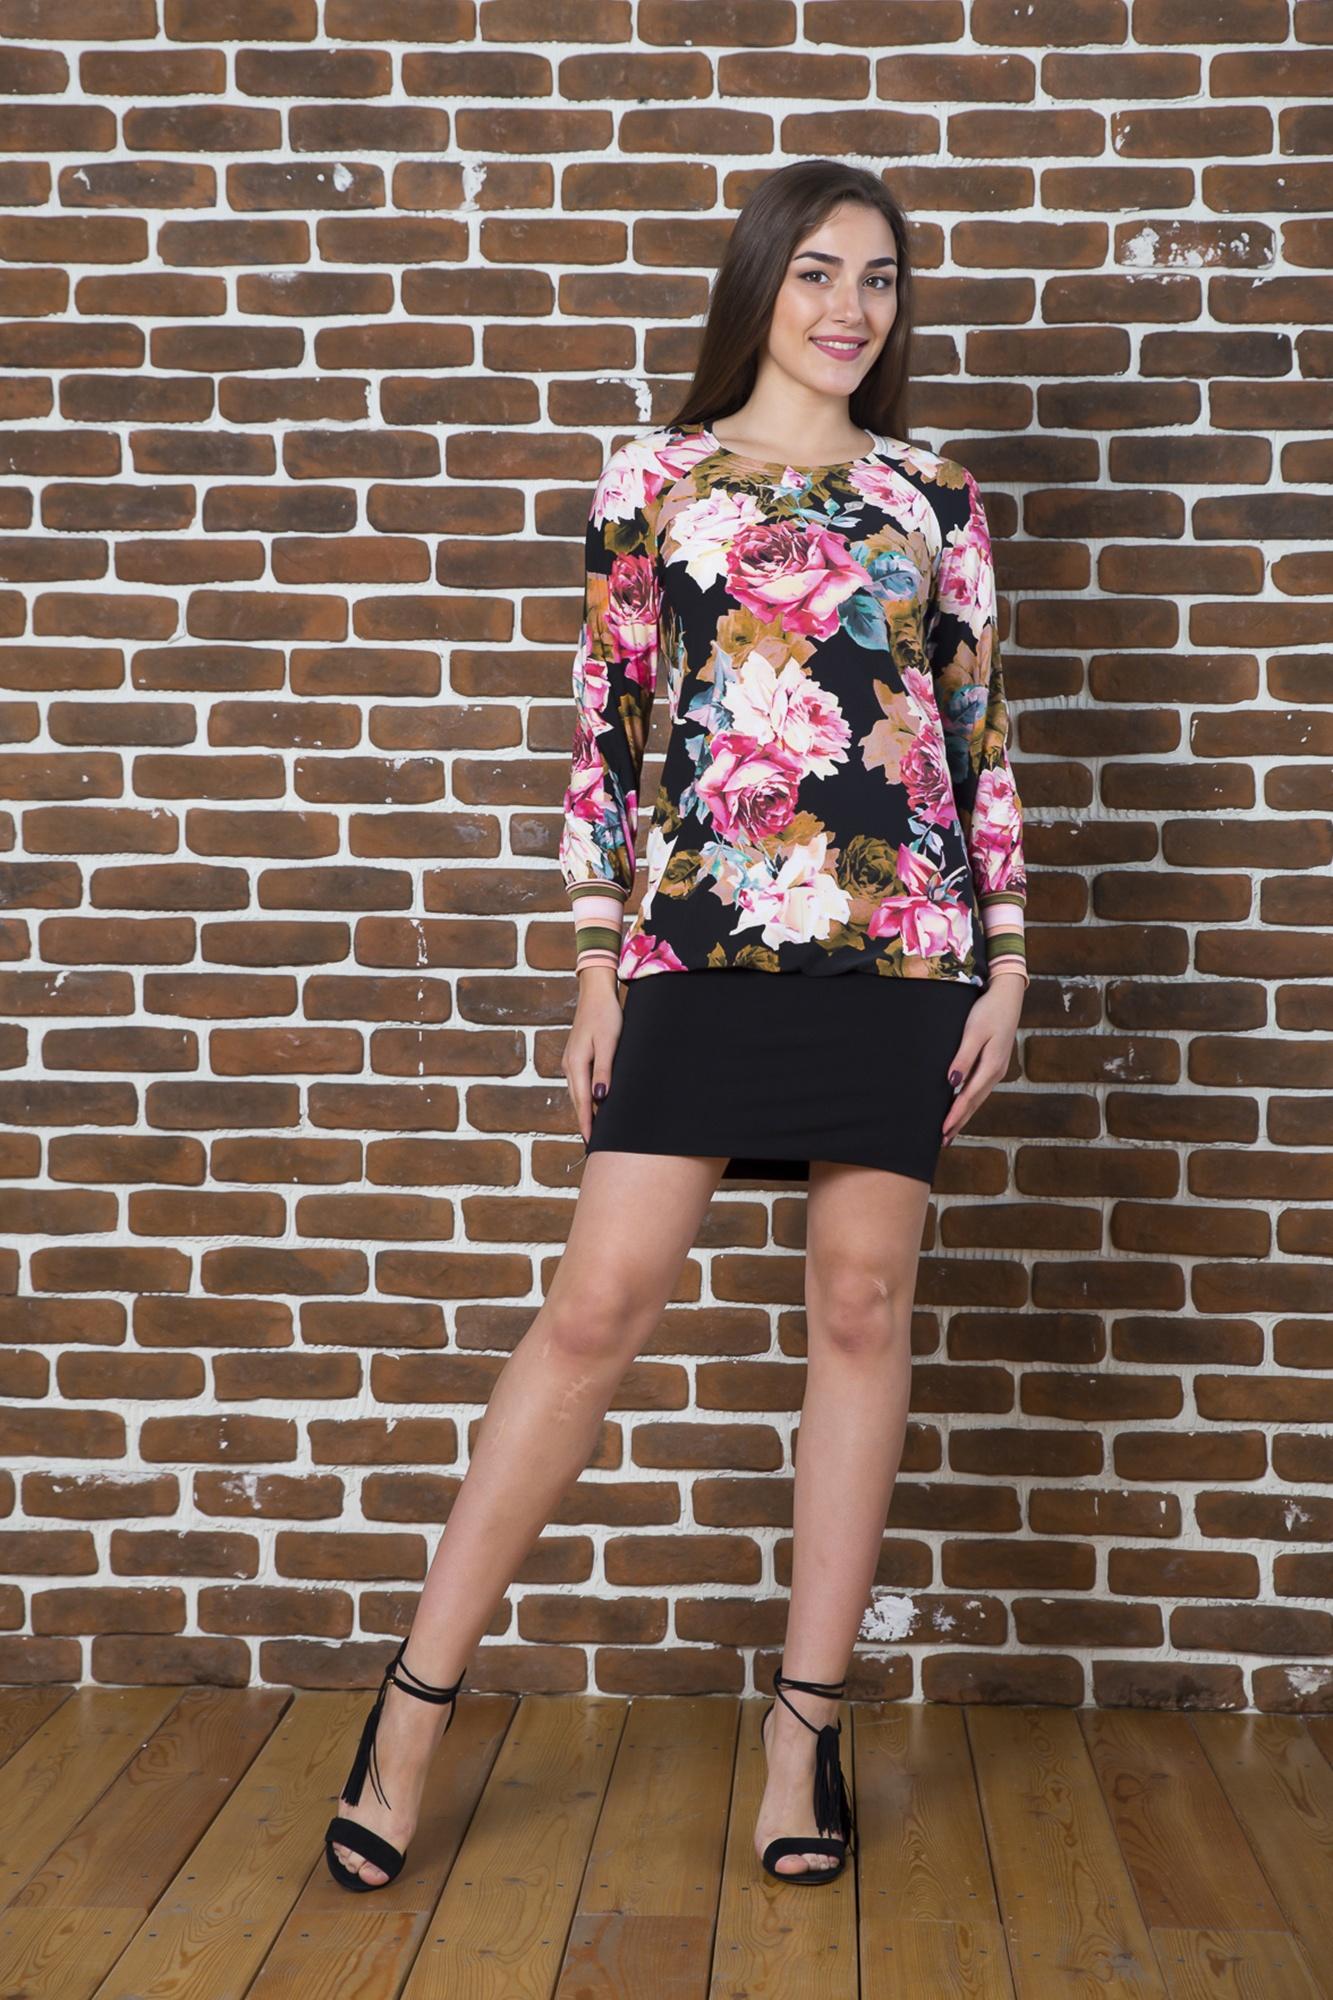 ПлатьеПлатья<br>Чудесное платье имитирующее однотонную юбку и цветную блузку. Модель выполнена из струящегося трикотажа. Отличный выбор для любого случая.  Длина по спинке 42-98 см 44- 99 см 46-100 см 48-101 см 50- 102 см 52- 103 см Длина рукава 42-69 см 44-69 см 46-70 см 48- 70 см 50- 71 см 52-71 см  В изделии использованы цвета: черный, розовый и др.  Ростовка изделия 170 см.<br><br>Горловина: С- горловина<br>По длине: До колена<br>По материалу: Трикотаж<br>По рисунку: Растительные мотивы,С принтом,Цветные,Цветочные<br>По силуэту: Приталенные<br>По стилю: Повседневный стиль<br>По элементам: С манжетами<br>Рукав: Длинный рукав<br>По сезону: Осень,Весна,Зима<br>Размер : 42,44,46,50<br>Материал: Холодное масло<br>Количество в наличии: 4